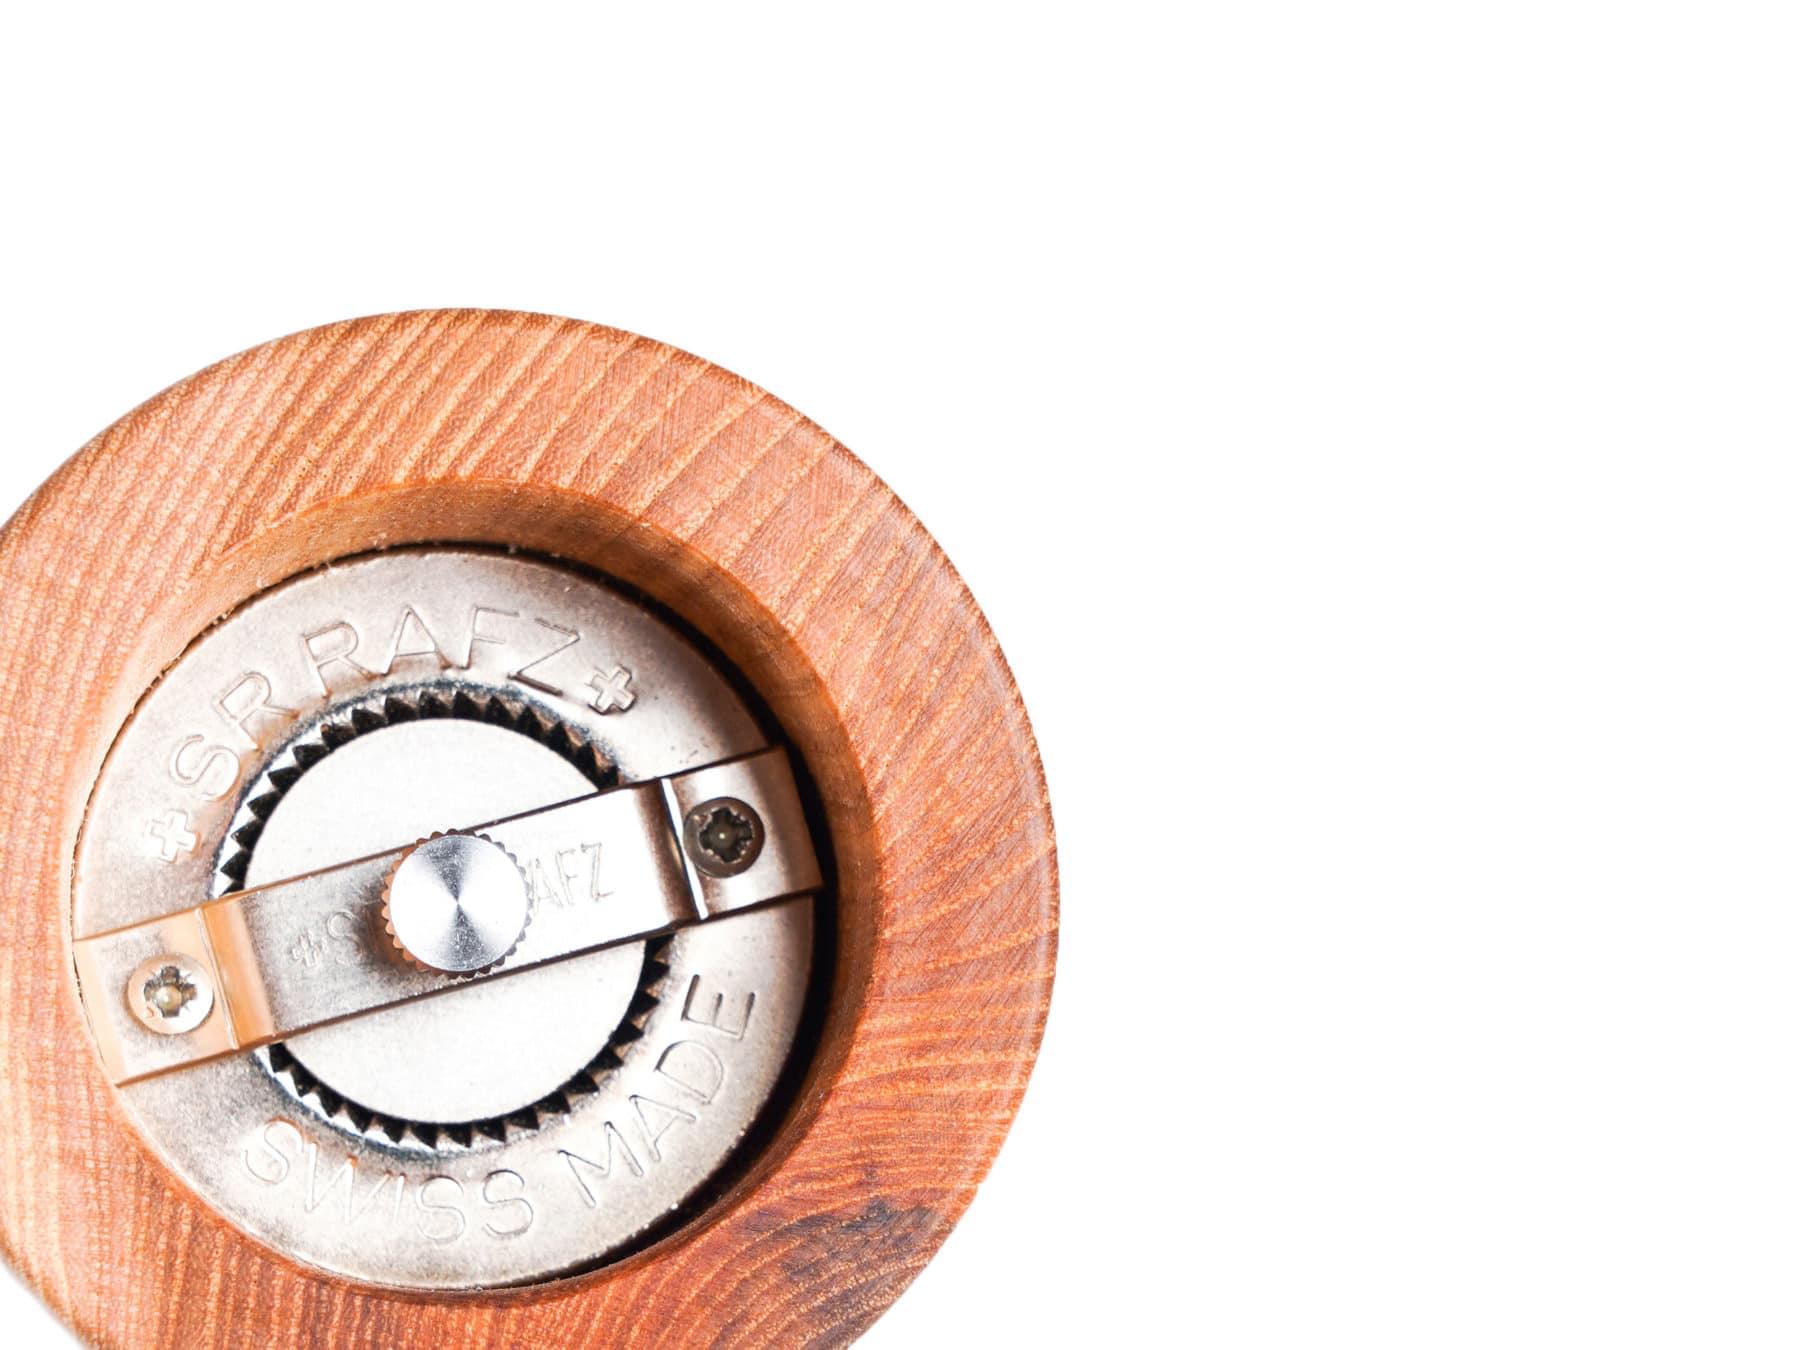 Pfeffermühle Holz Schweiz swissmade 100% Schweizer Mahlwerk KURTS.ch